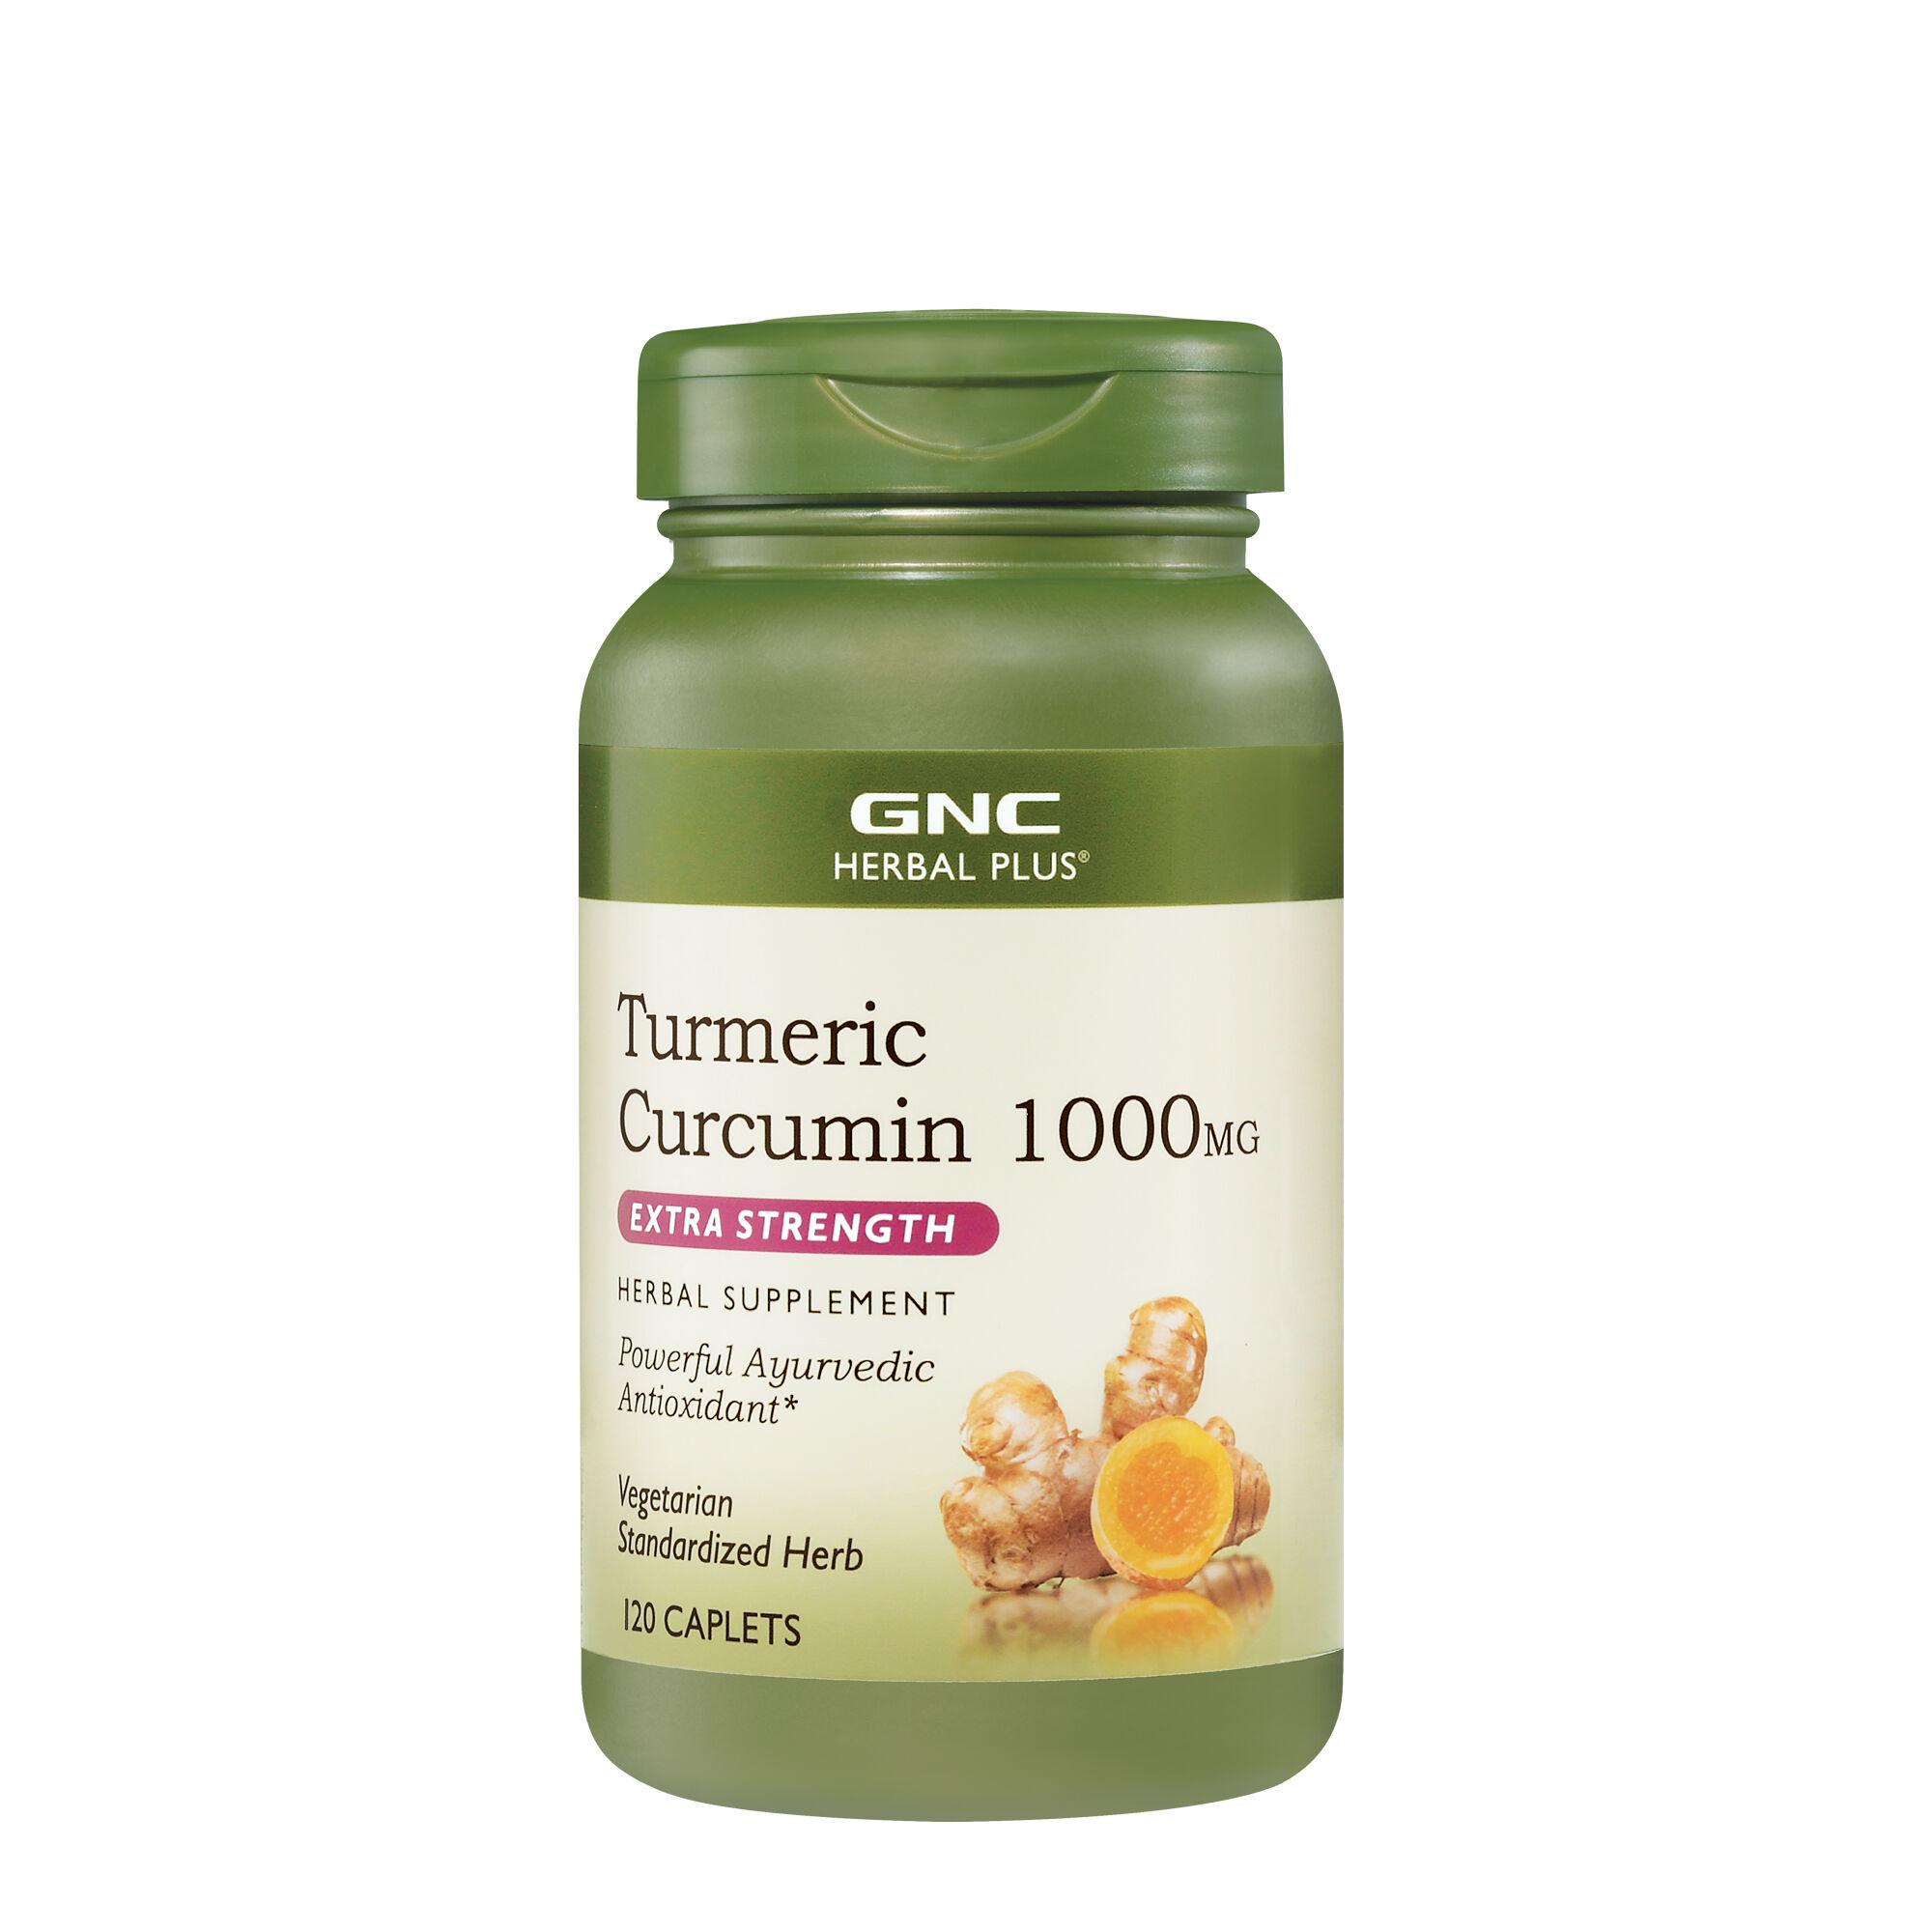 GNC Herbal Plus® Turmeric Curcumin 1000 MG Extra Strength